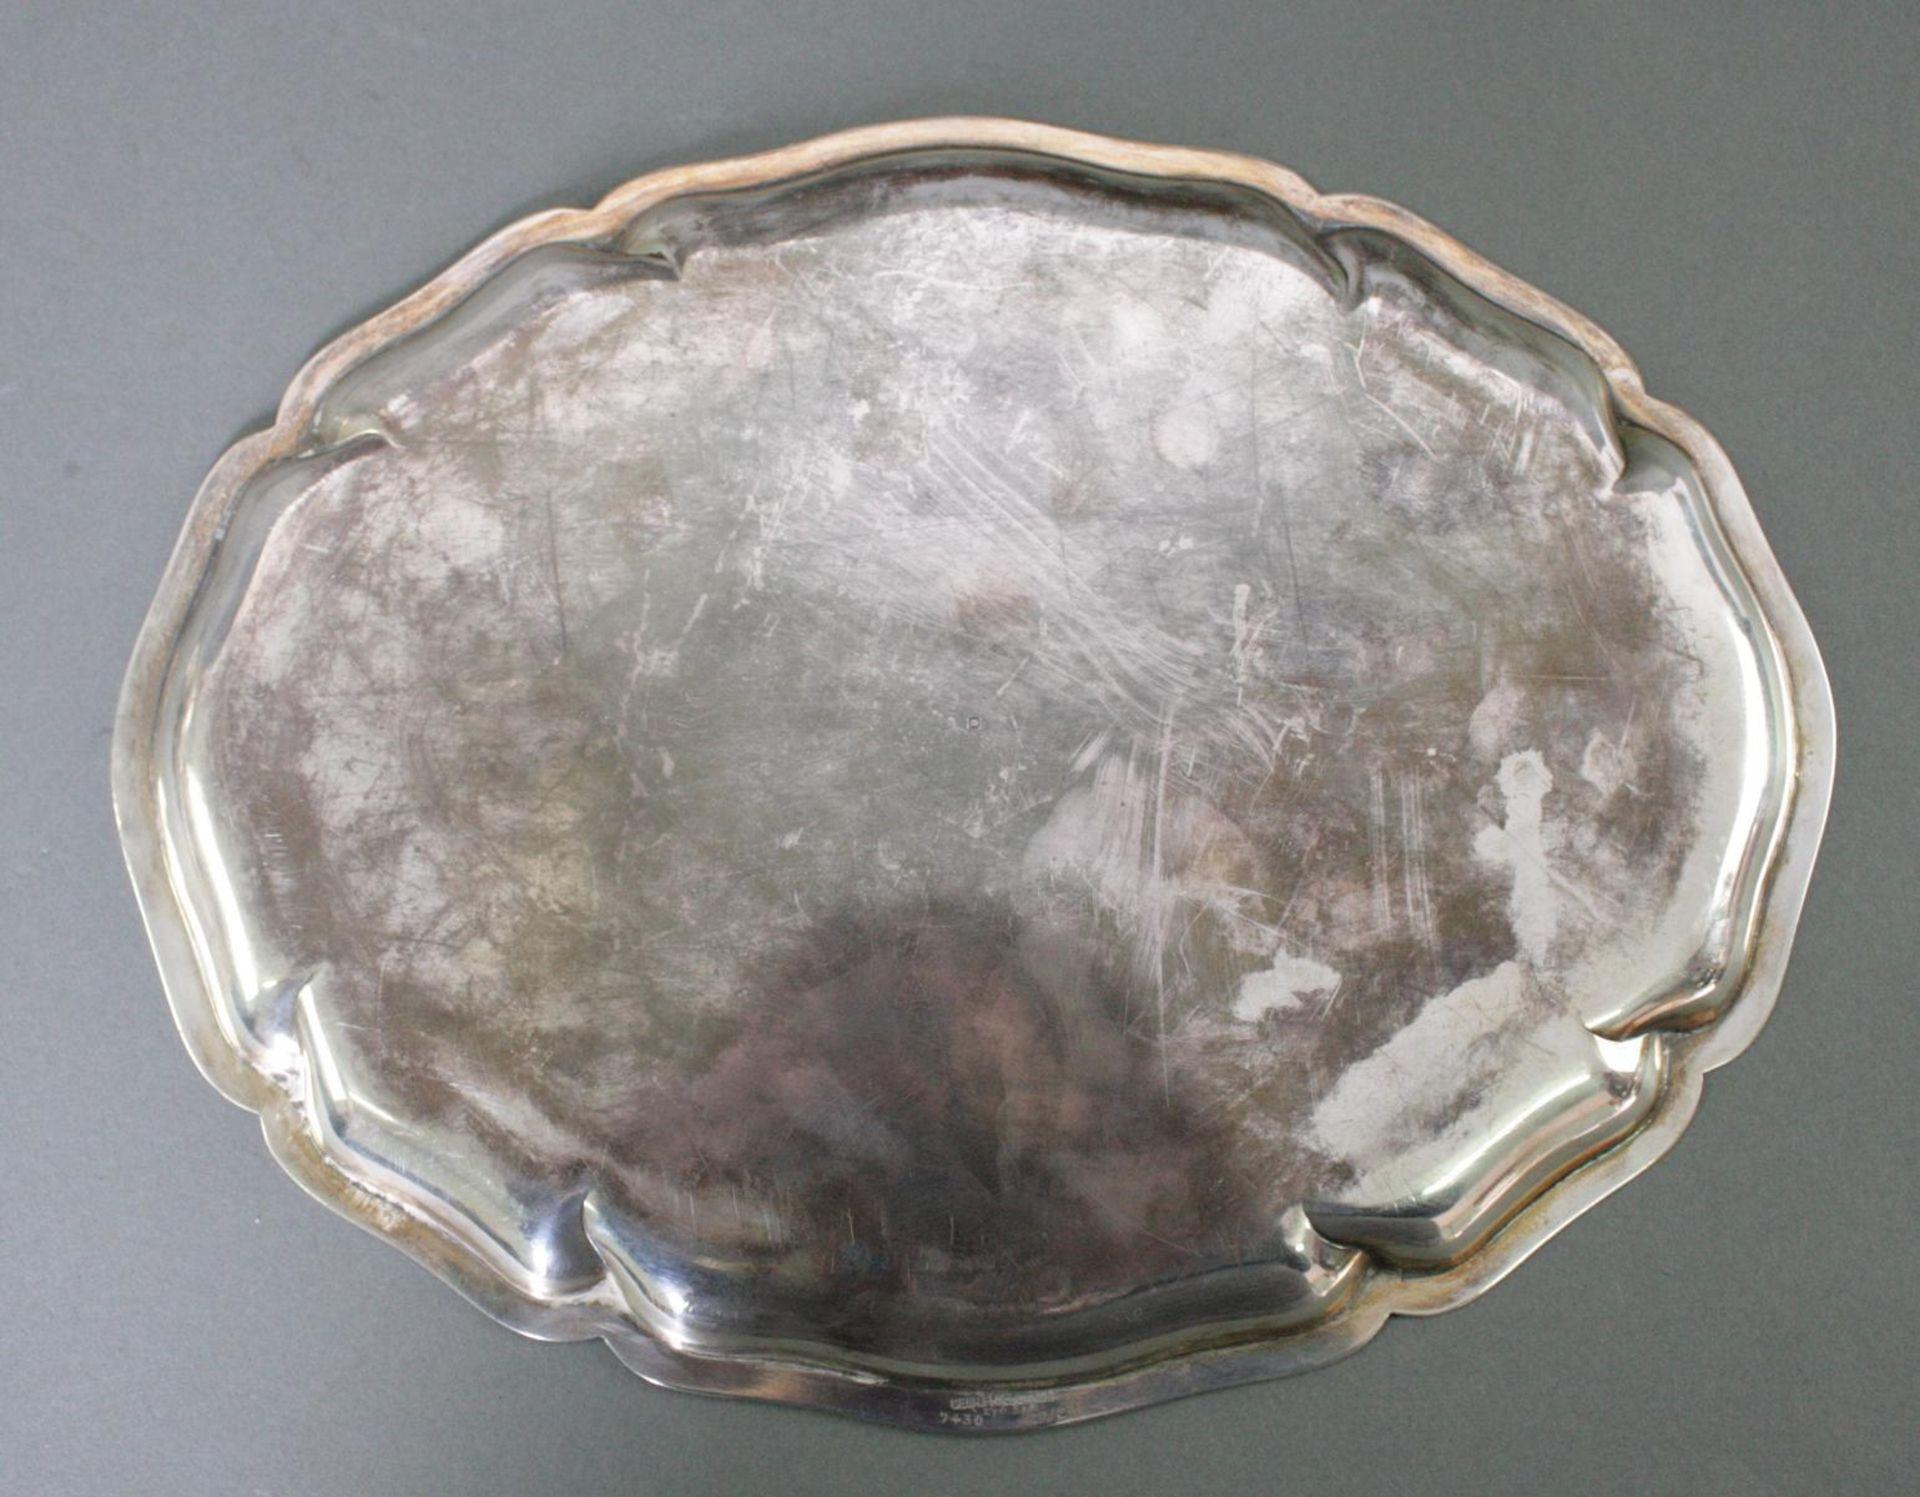 Ovale Silberplatte, 925 Silber - Bild 3 aus 4